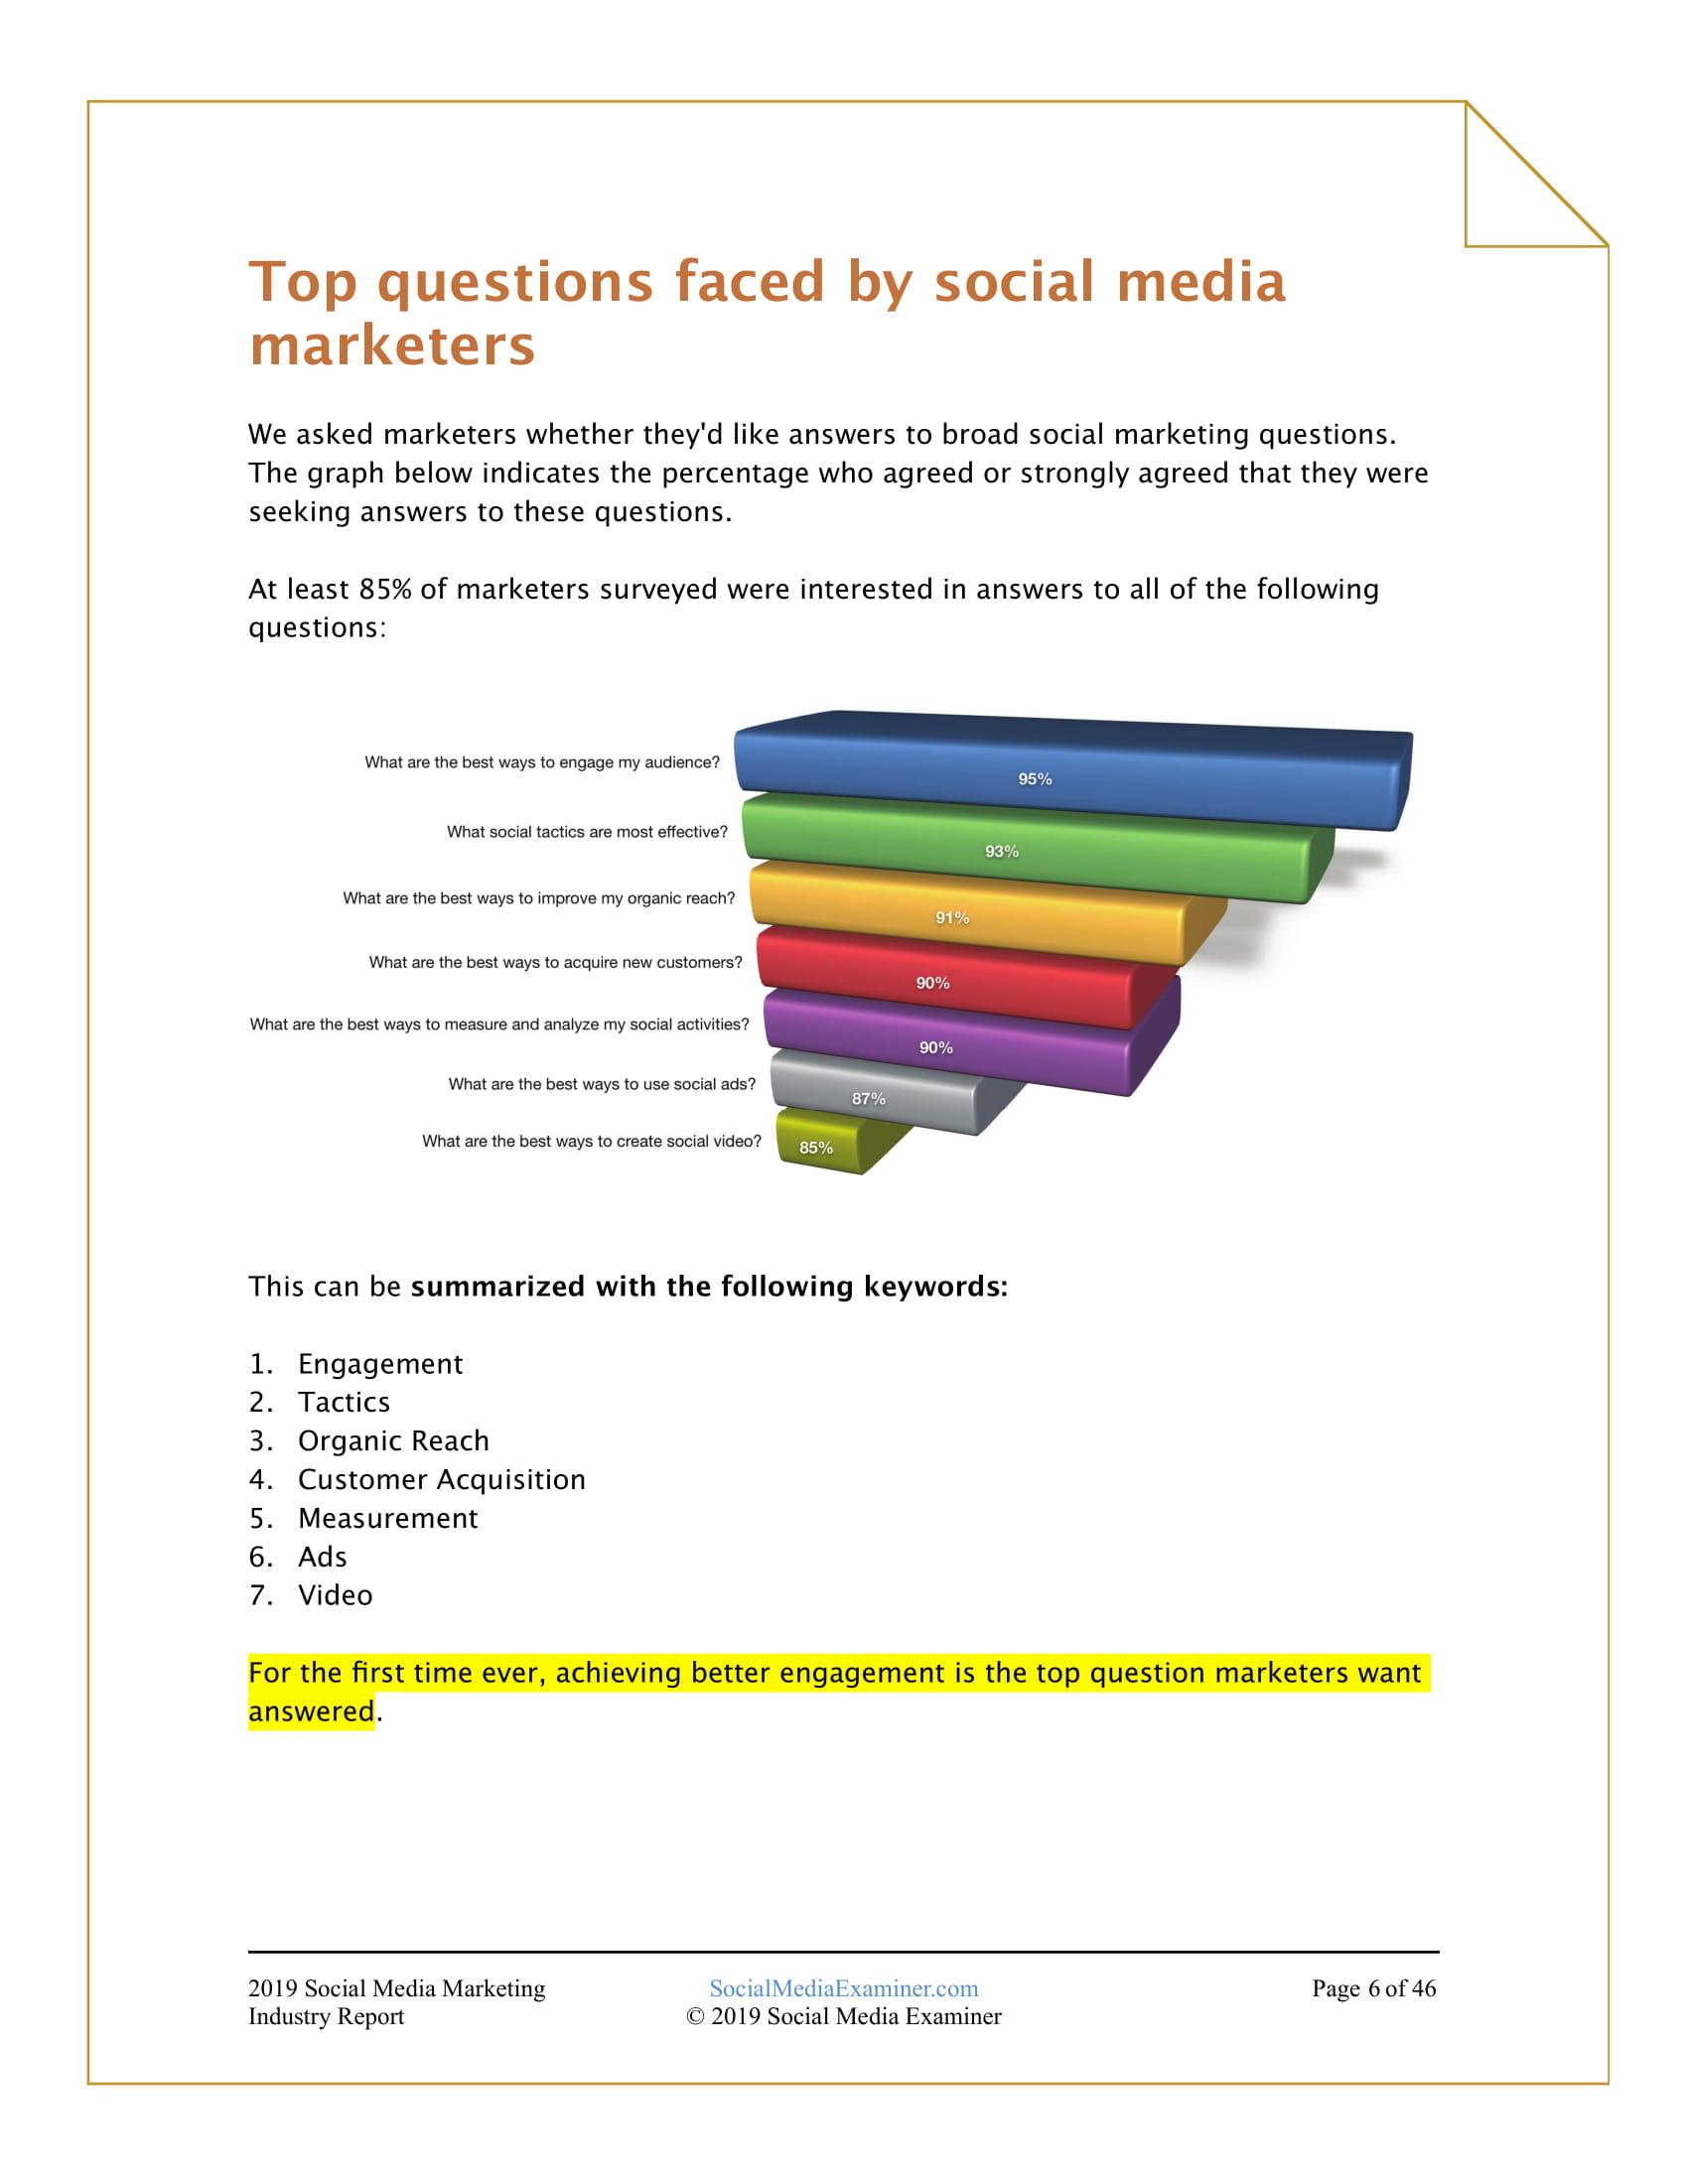 SME:2019年社交媒体营销行业报告-CNMOAD 中文移动营销资讯 6